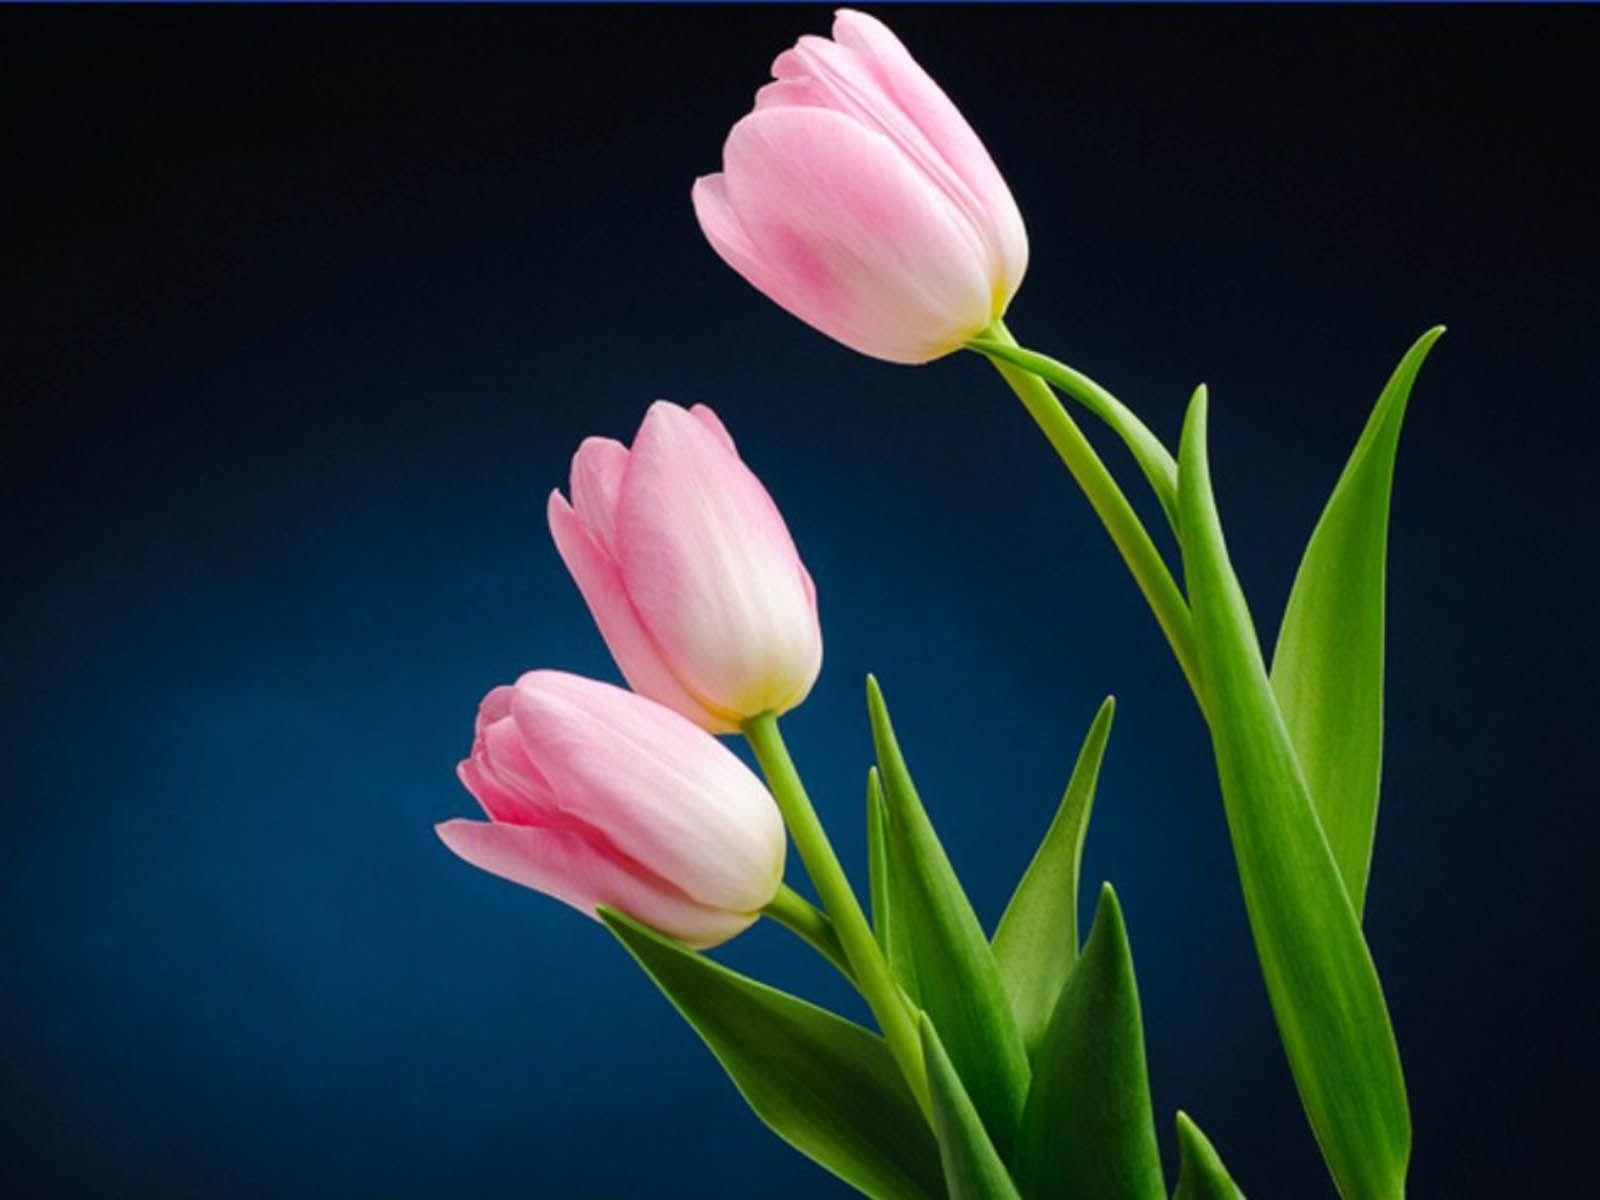 Bunga Tulip Indah Dari Koleksi Beragam Gambar Bunga Tulip Yang Indah Dan Mempesona Di 2020 Bunga Tulip Bunga Gambar